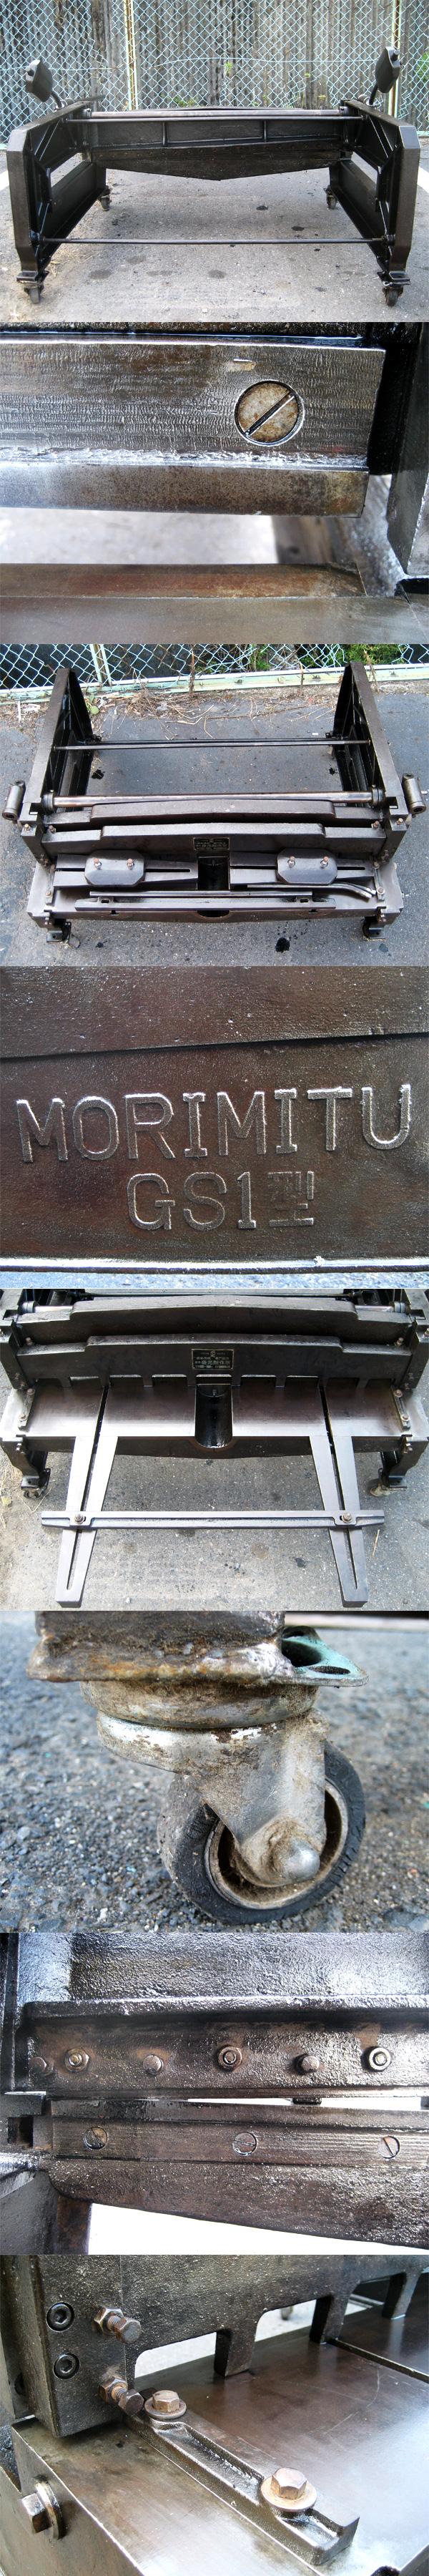 盛光(MORIMITSU) 大型手動切断機(シャーリング) GS1型